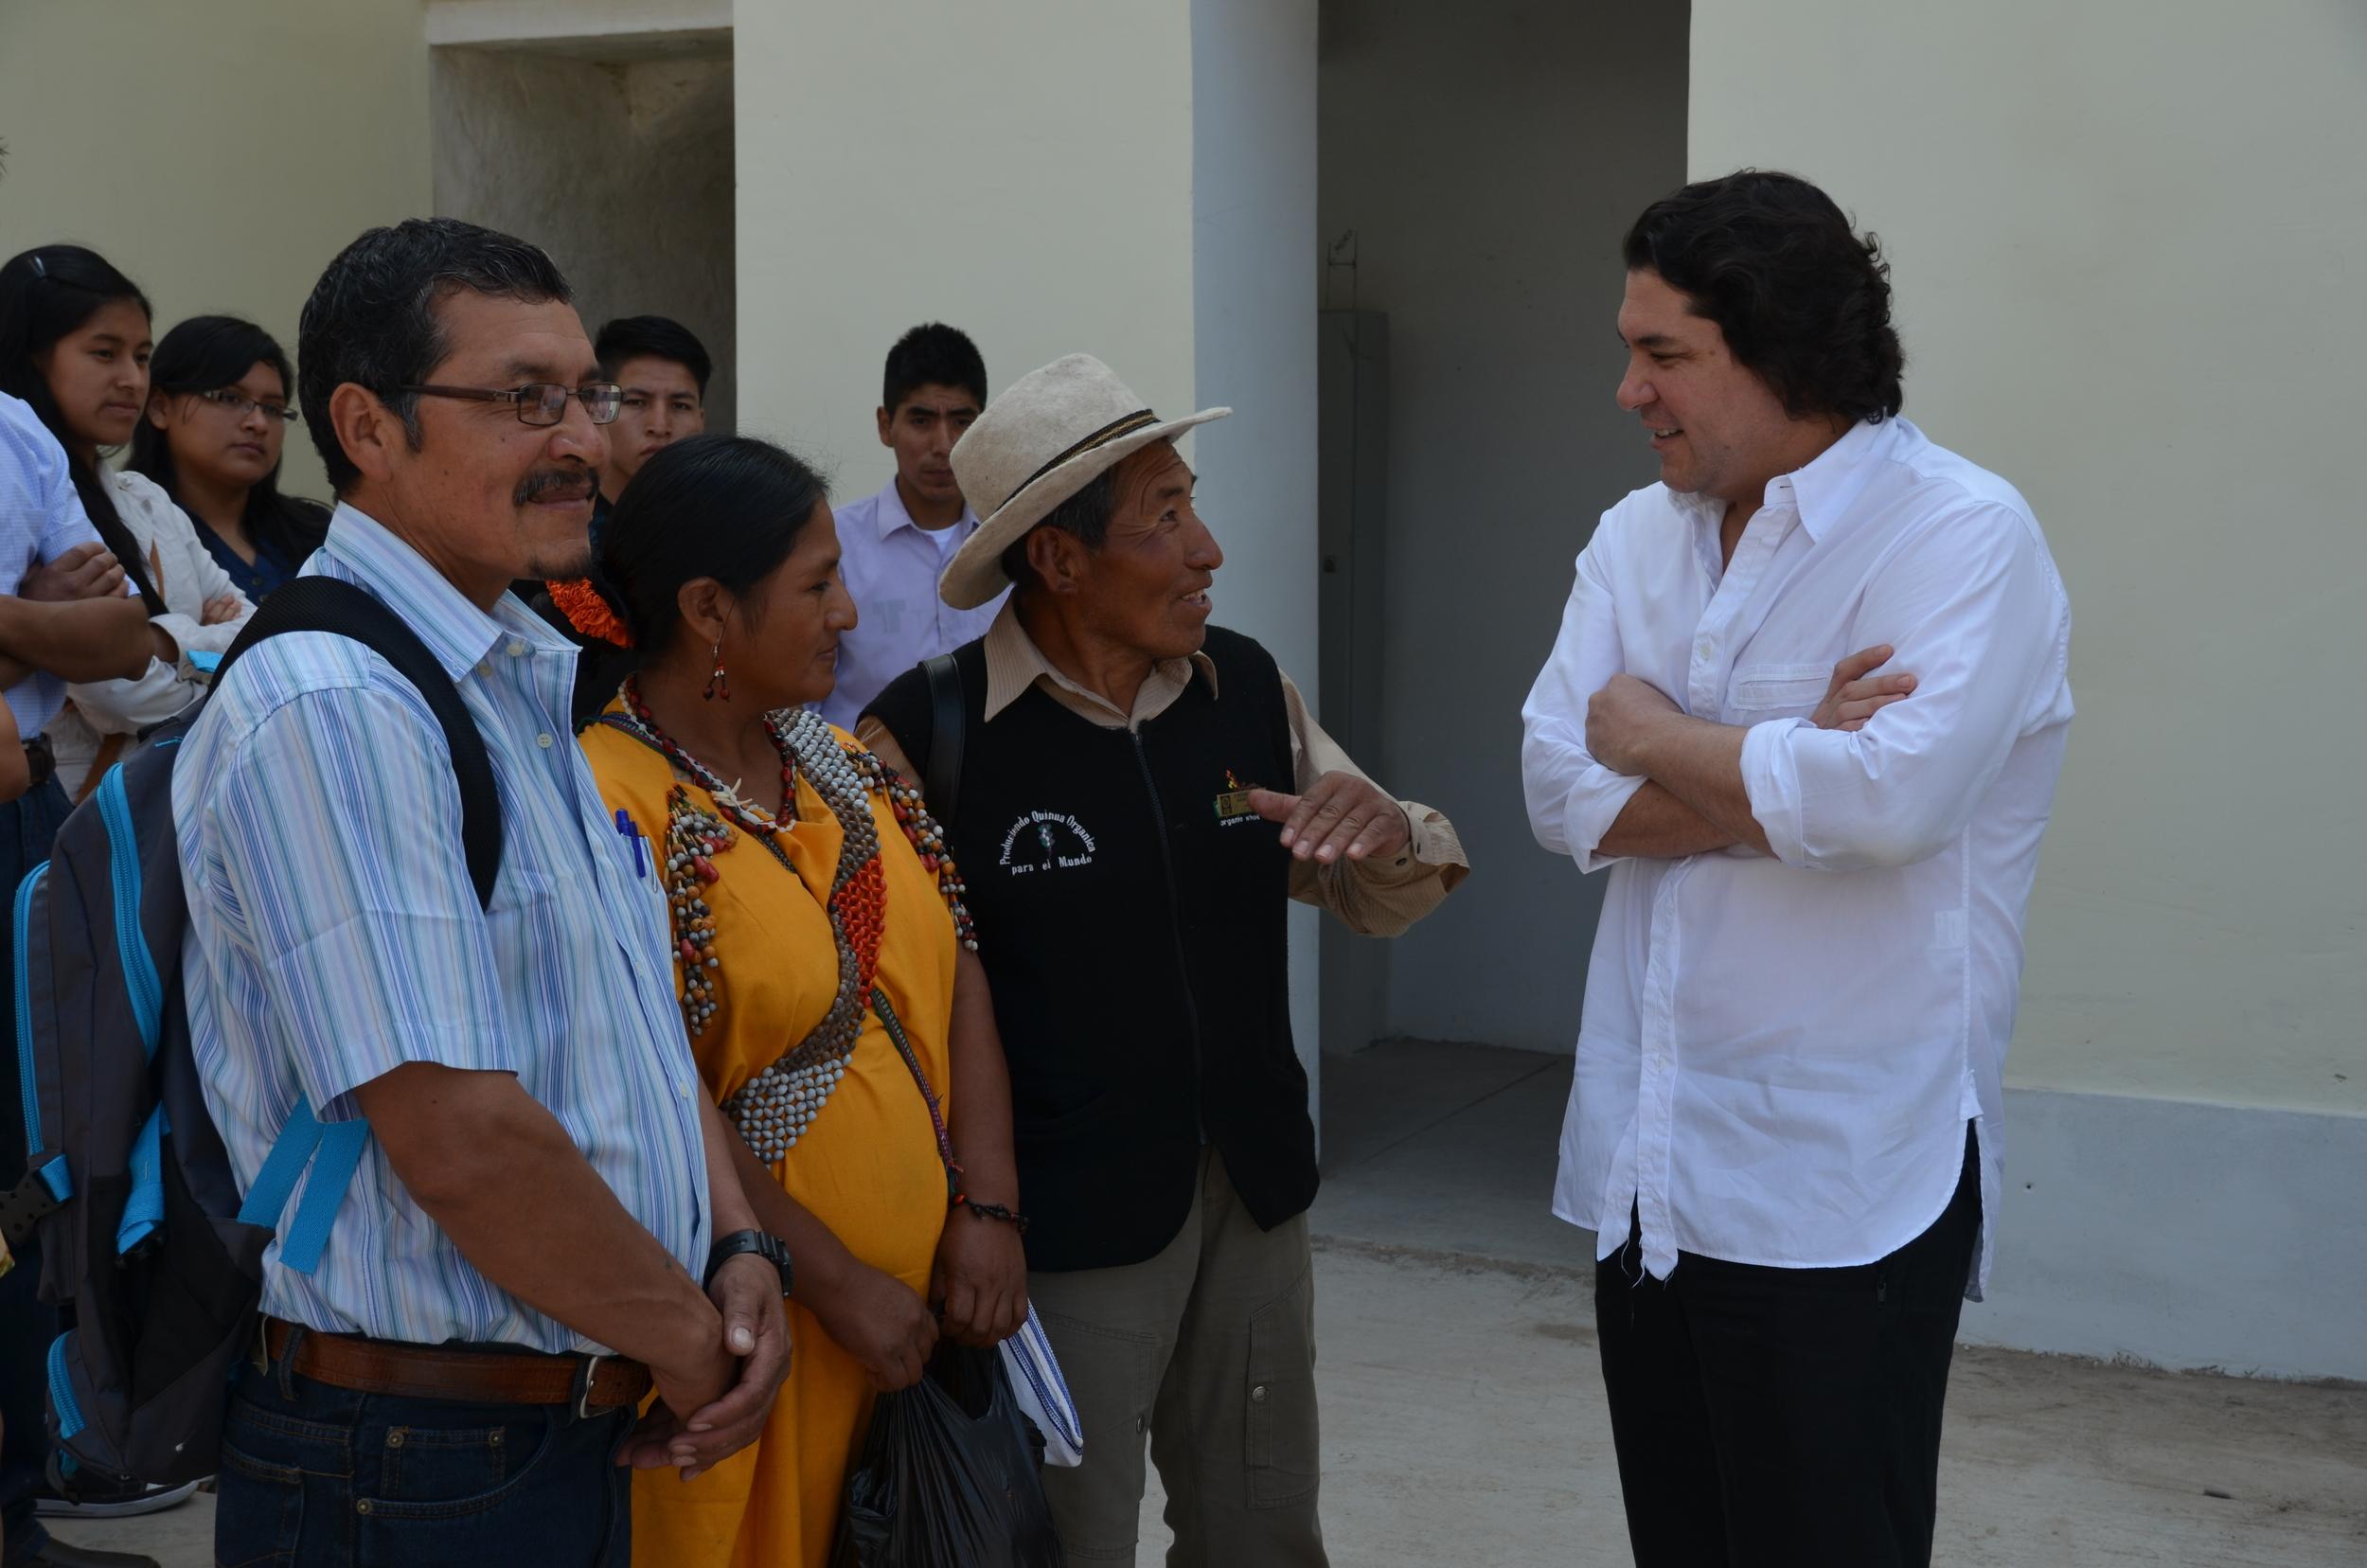 Gastón Acurio en El Patio de Astrid & Gastón Casa Moreyra, compartiendo con productores artesanales.